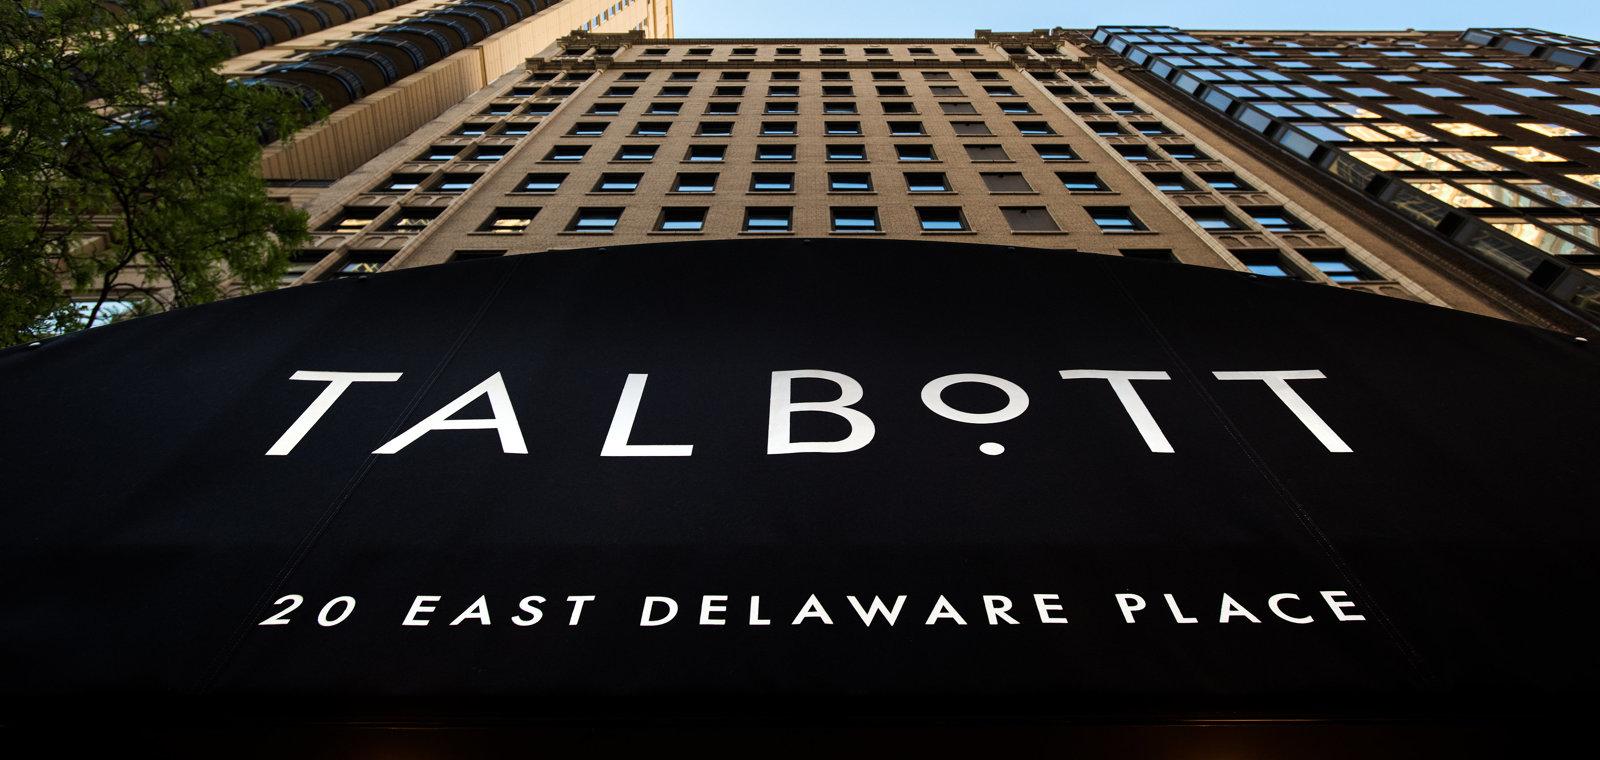 Talbott Awning